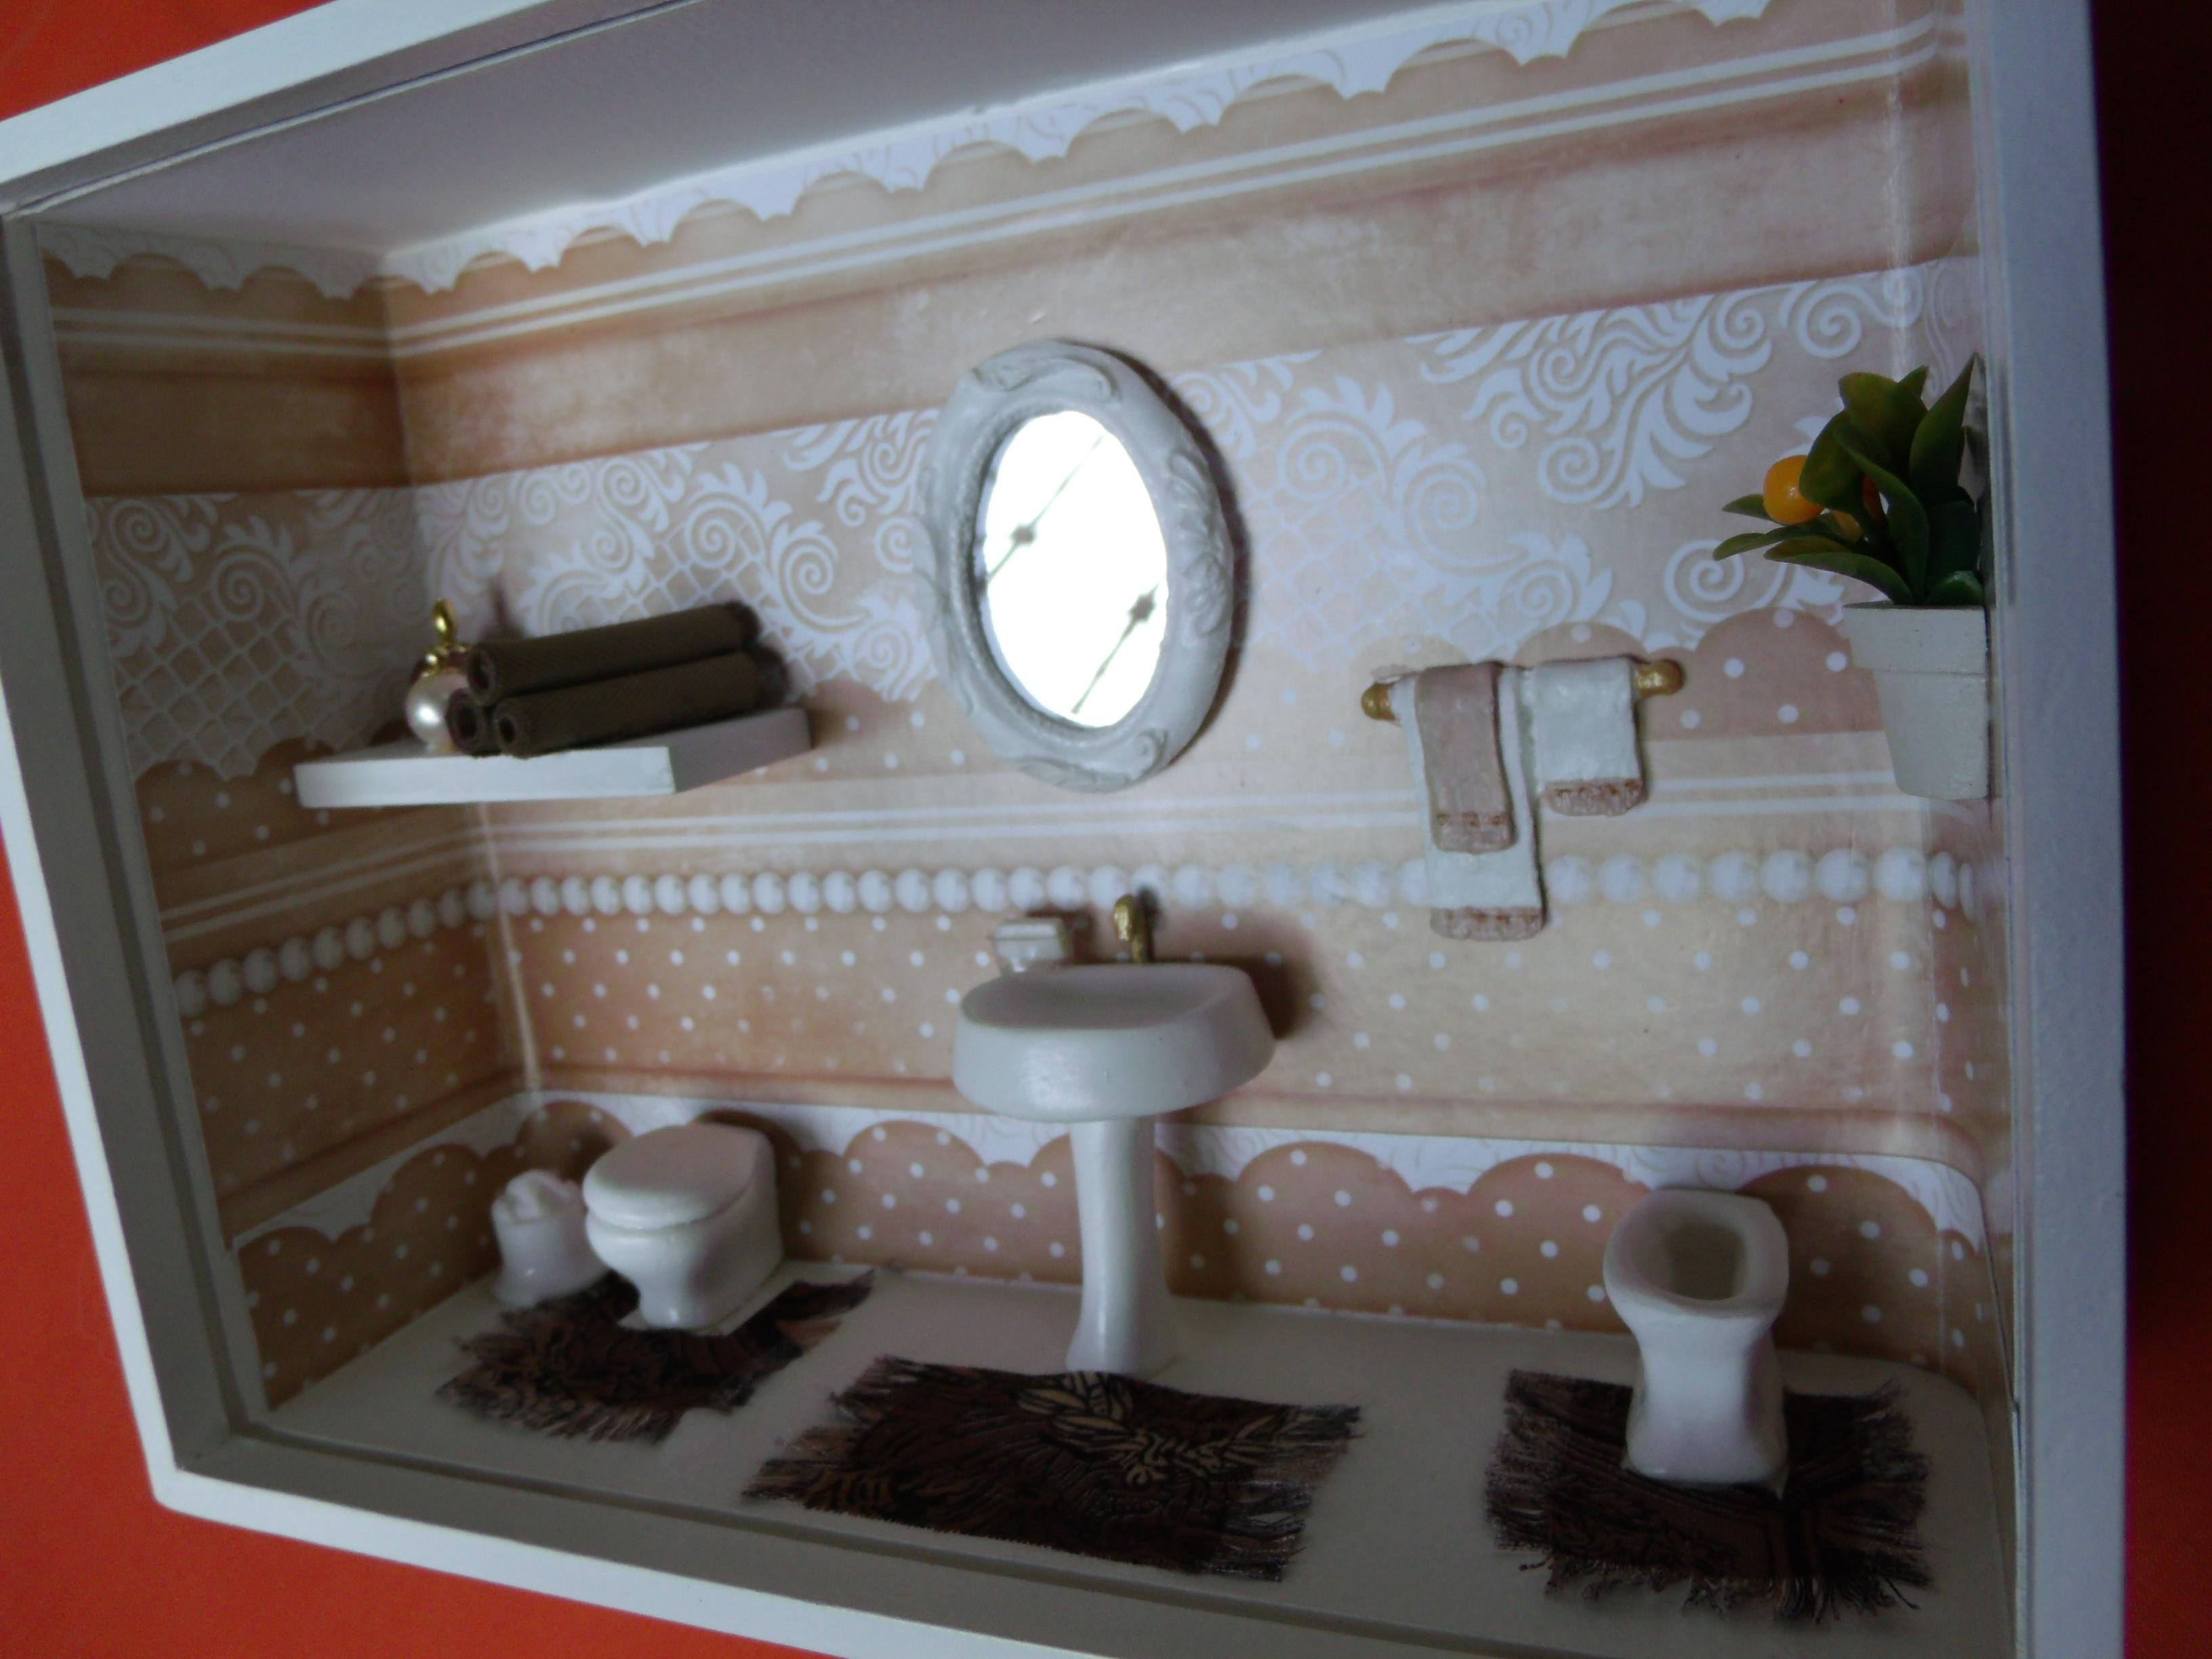 nicho de banheiro n 7 arte nicho de banheiro n 7 cenario para banheiro #7B3A2D 3264x2448 Banheiro Com Nicho Vermelho